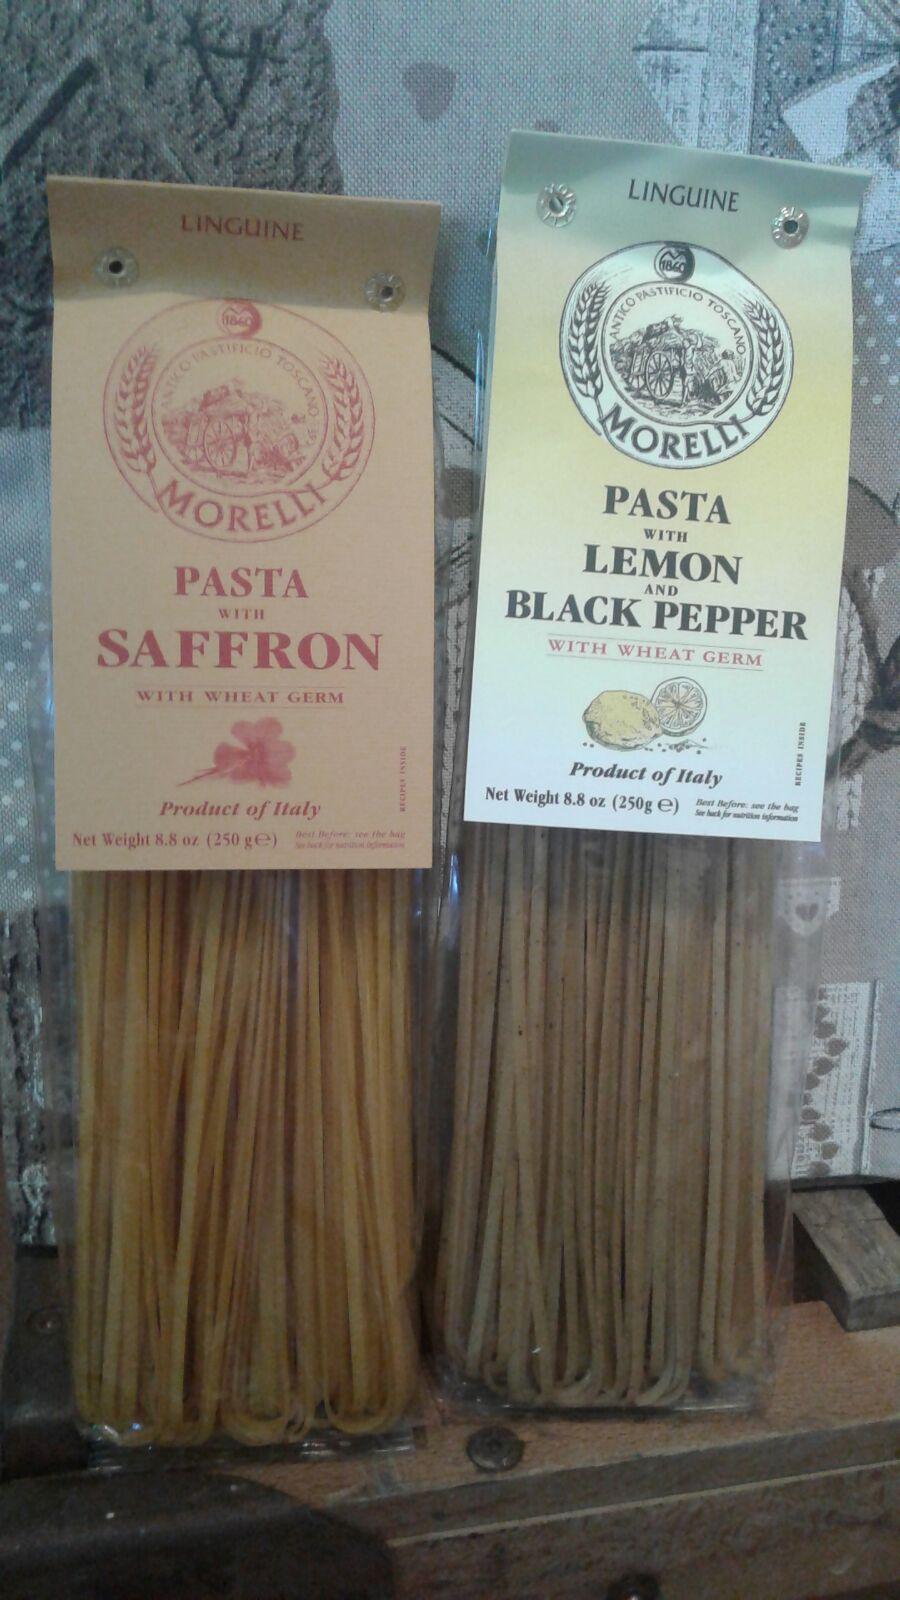 Saffron and Lemon & Black Pepper